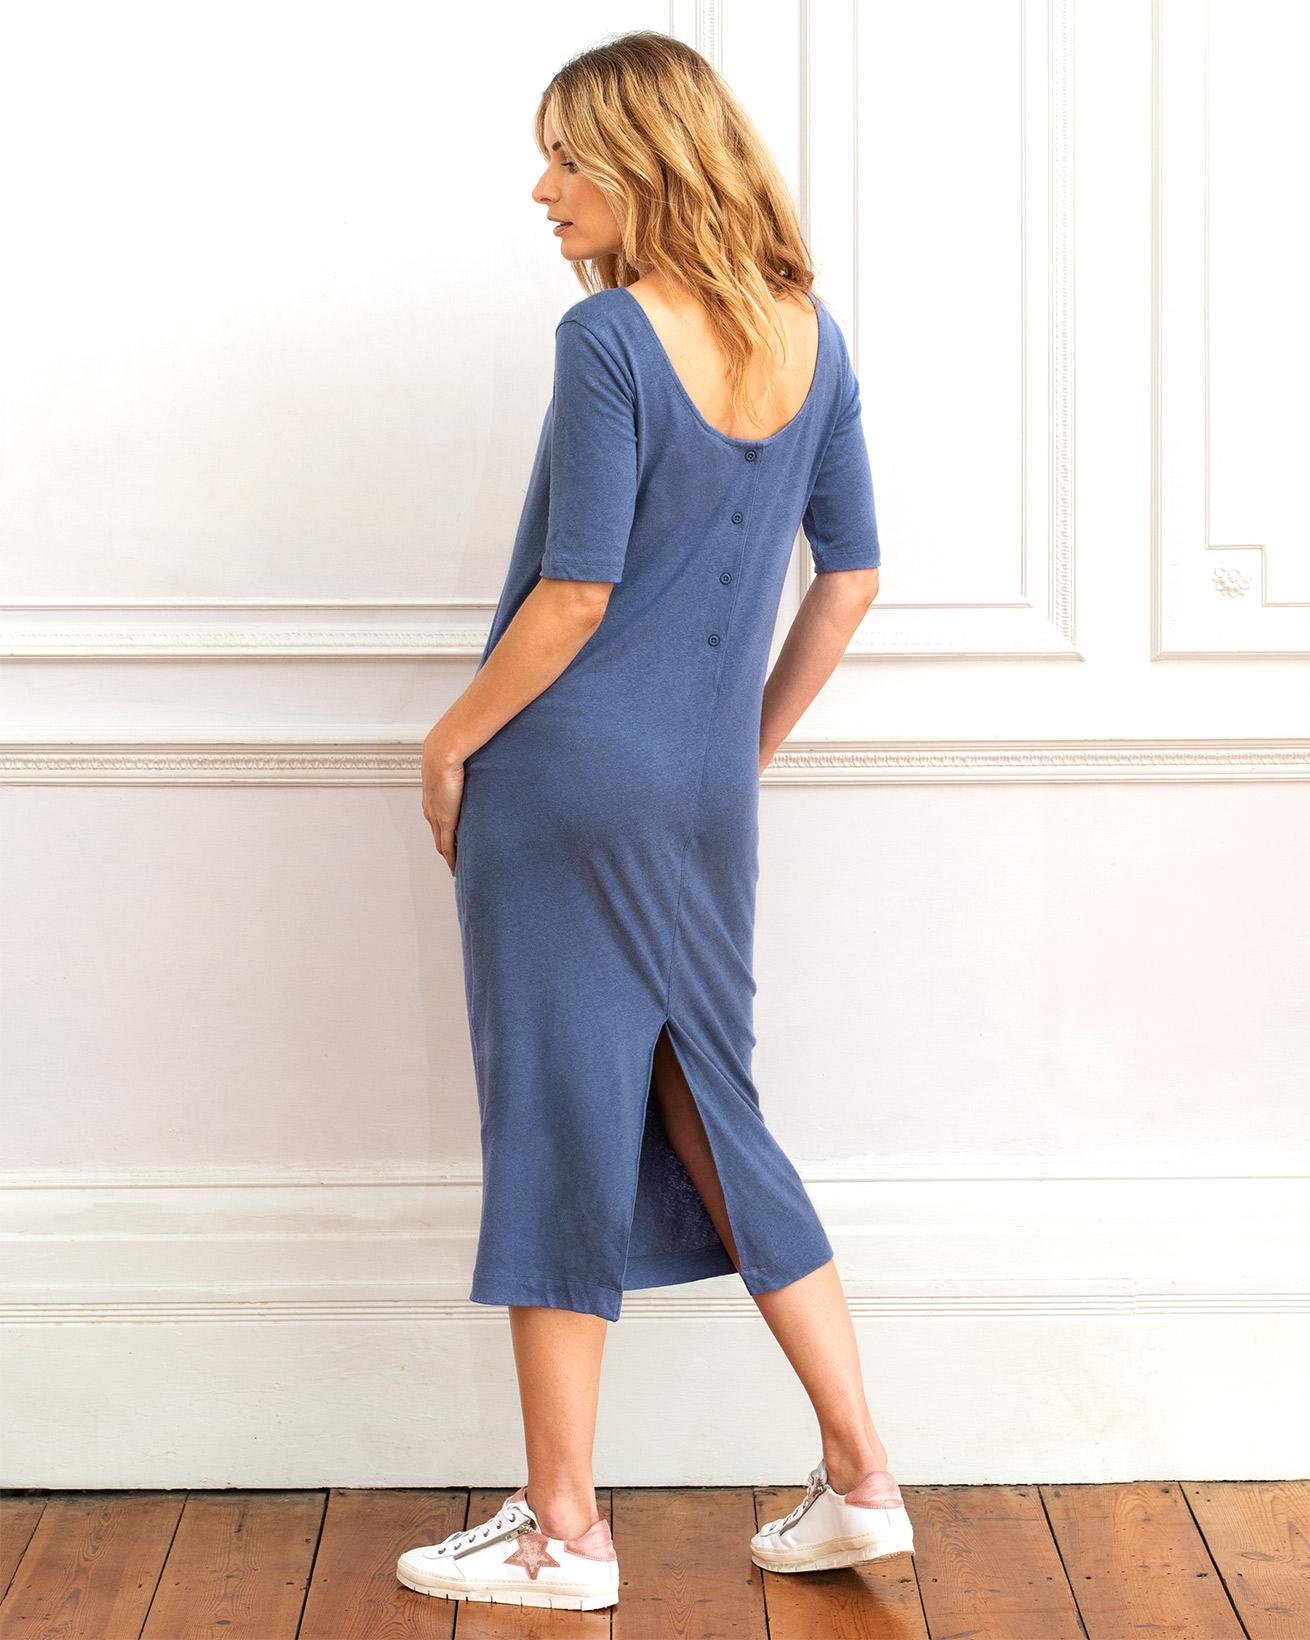 7567-7587-linen-cotton-button-back-dress-cornflower-blue-65web1.jpg